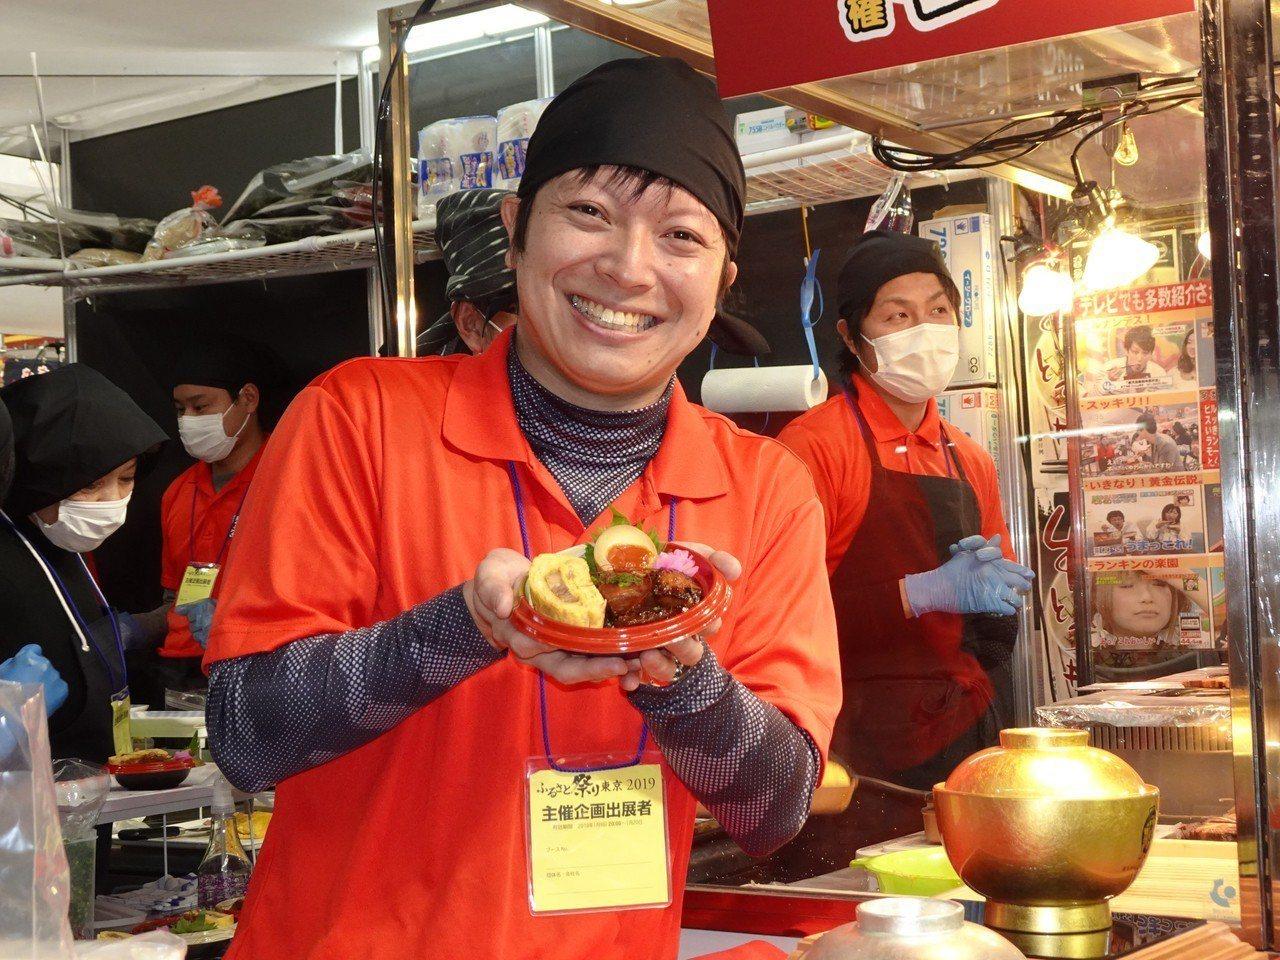 東京故鄉祭(慶典)11日在東京巨蛋登場,最受歡迎的企畫就是全國在地丼飯(蓋飯)大...